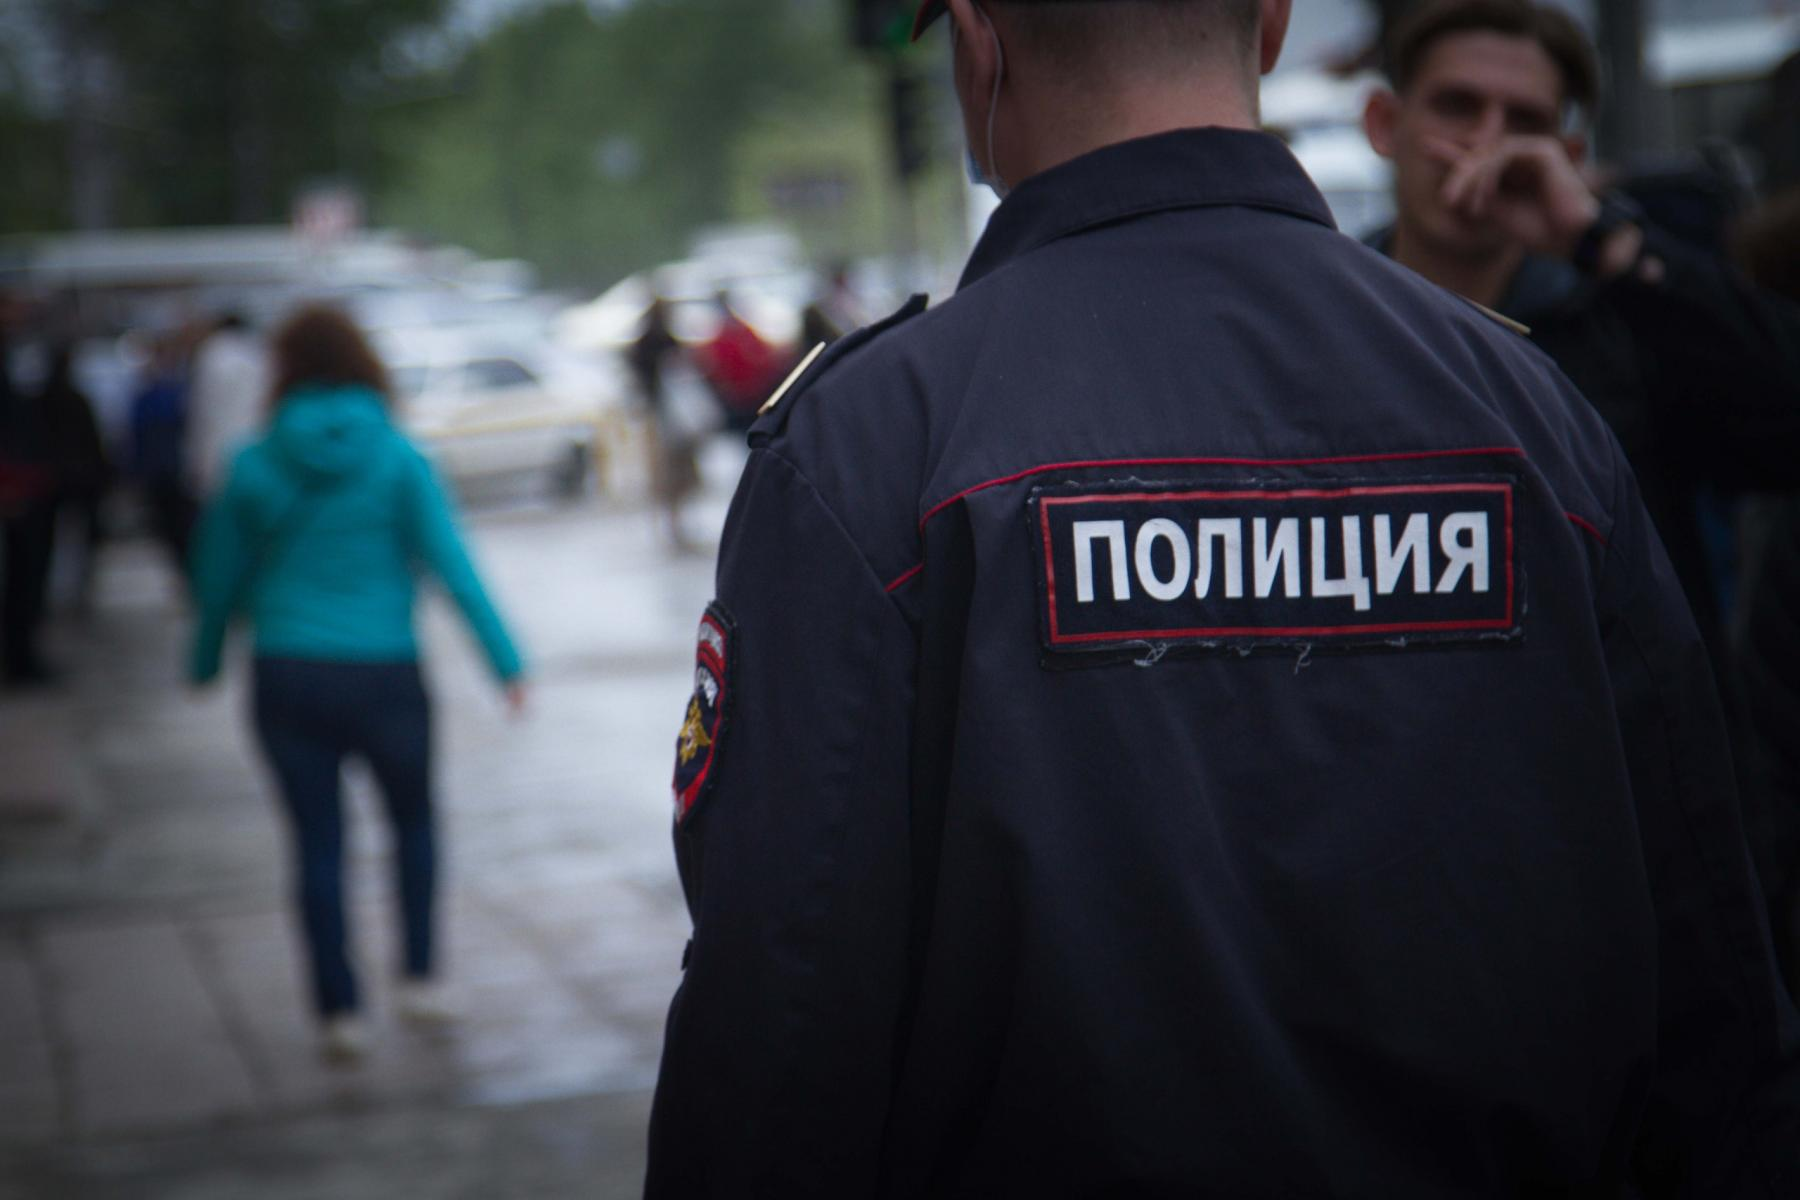 фото Двух подозреваемых в убийстве подростка задержали в Забайкалье 2